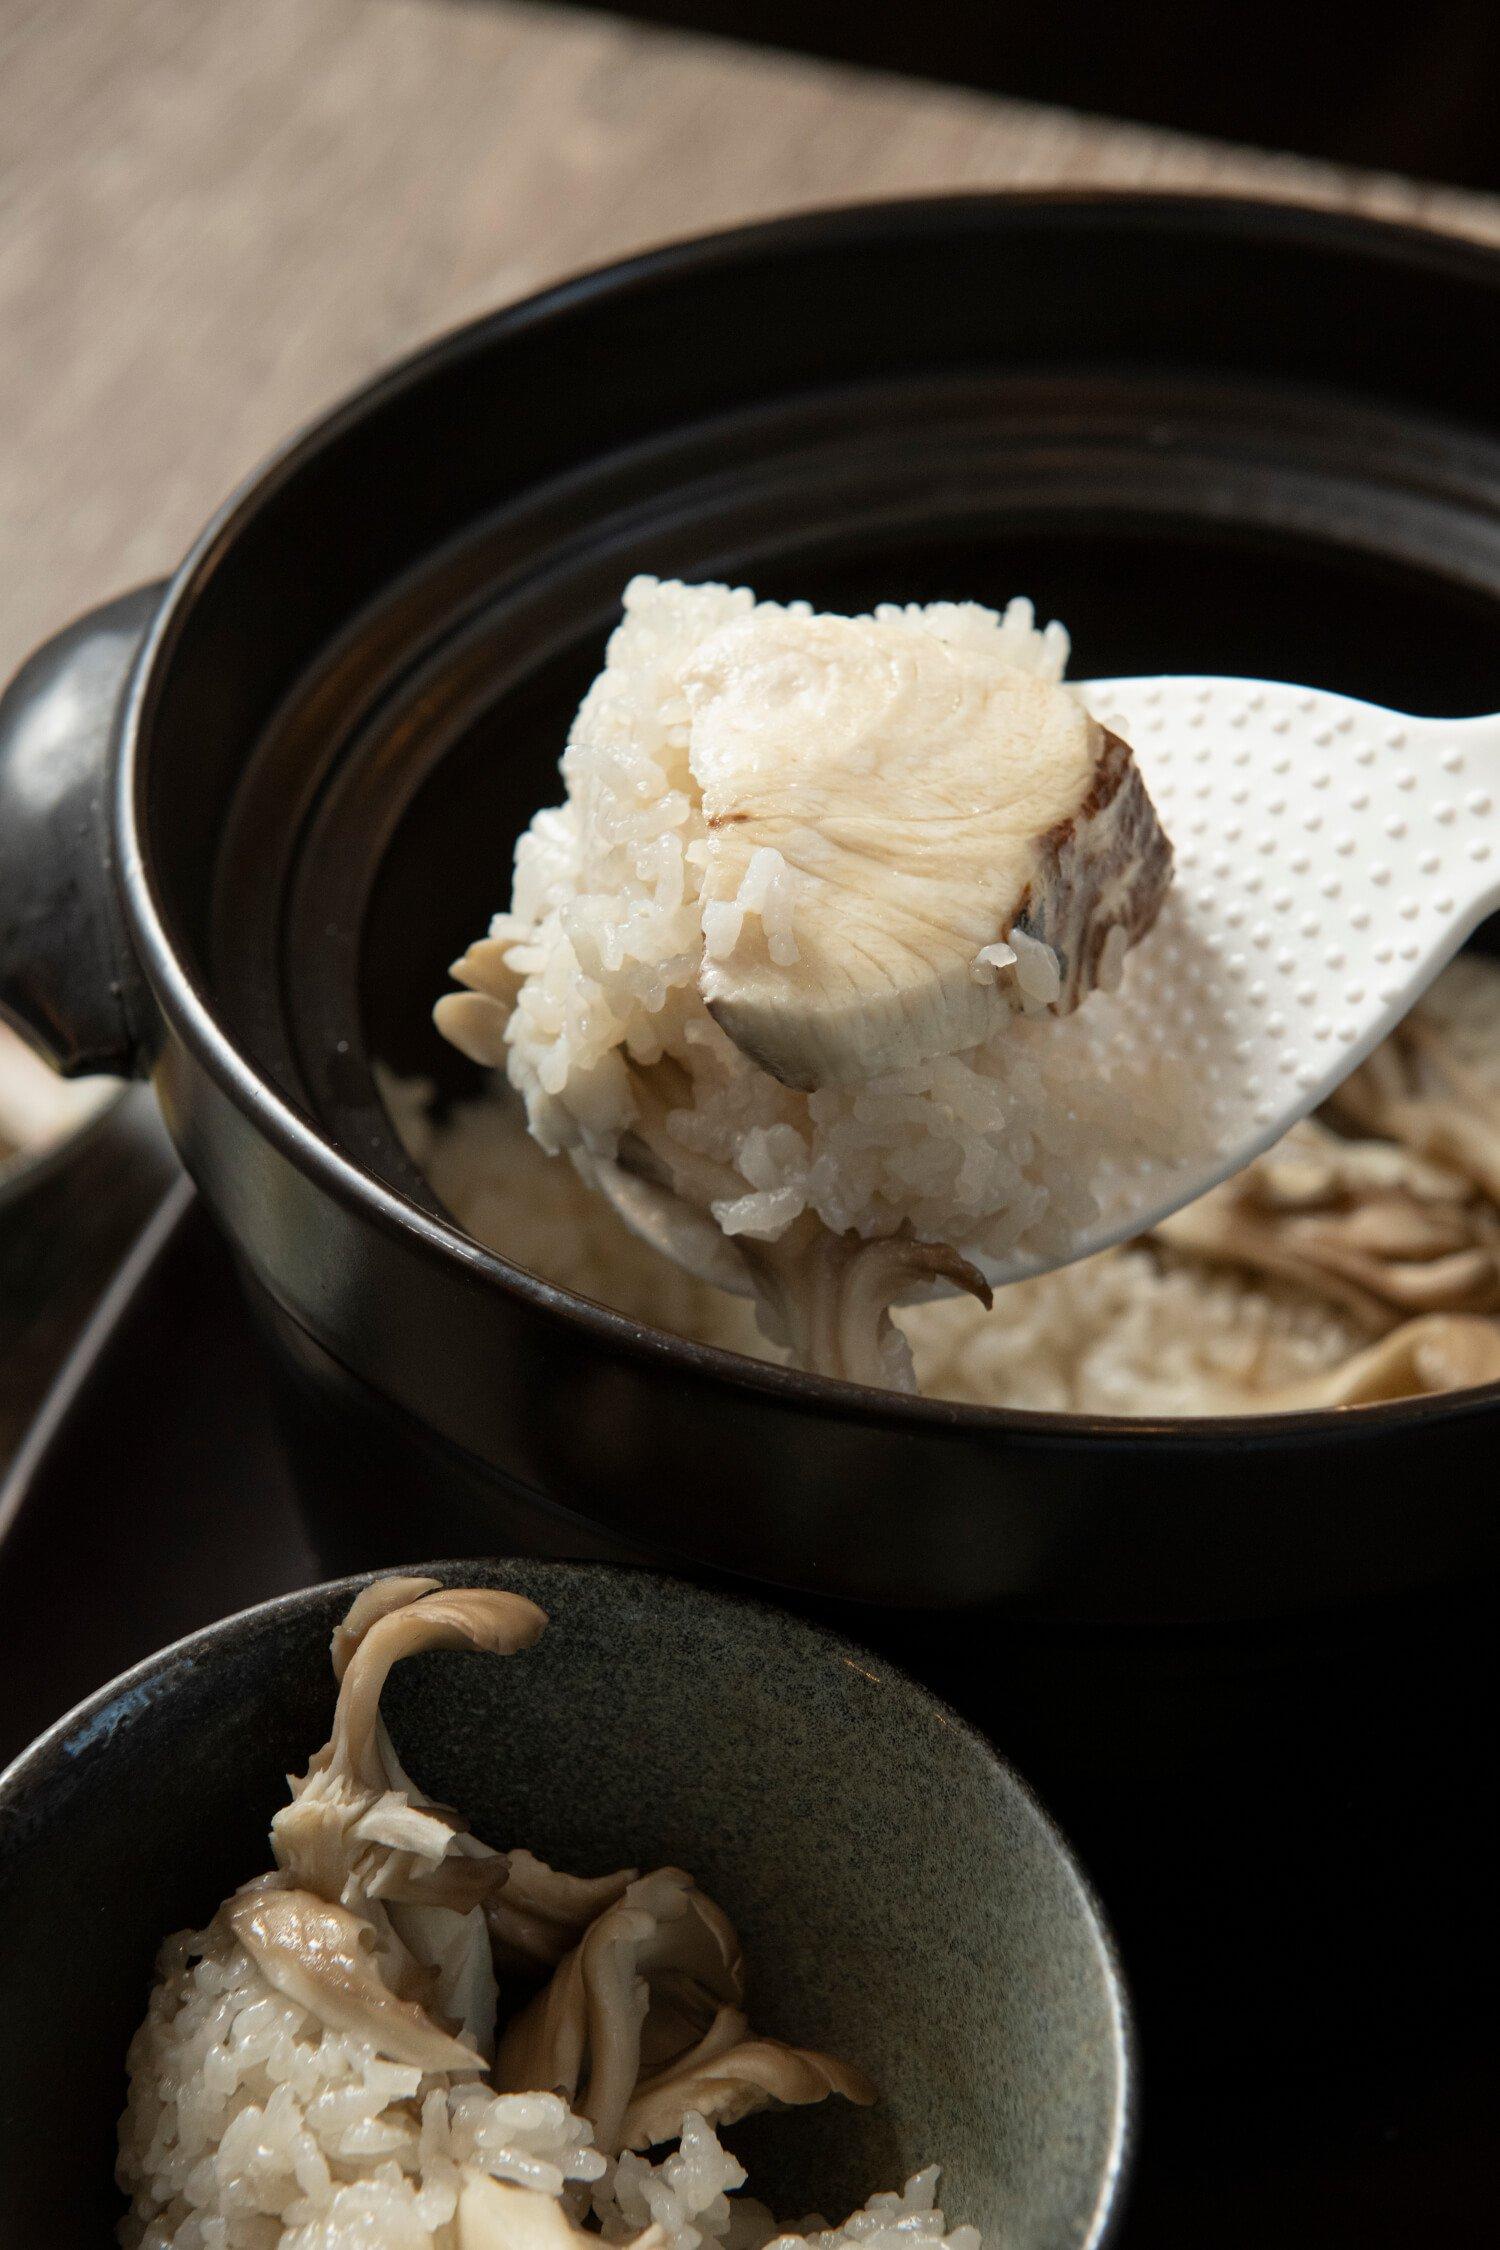 白身魚と舞茸炊き込みごはん1100円は締めに。